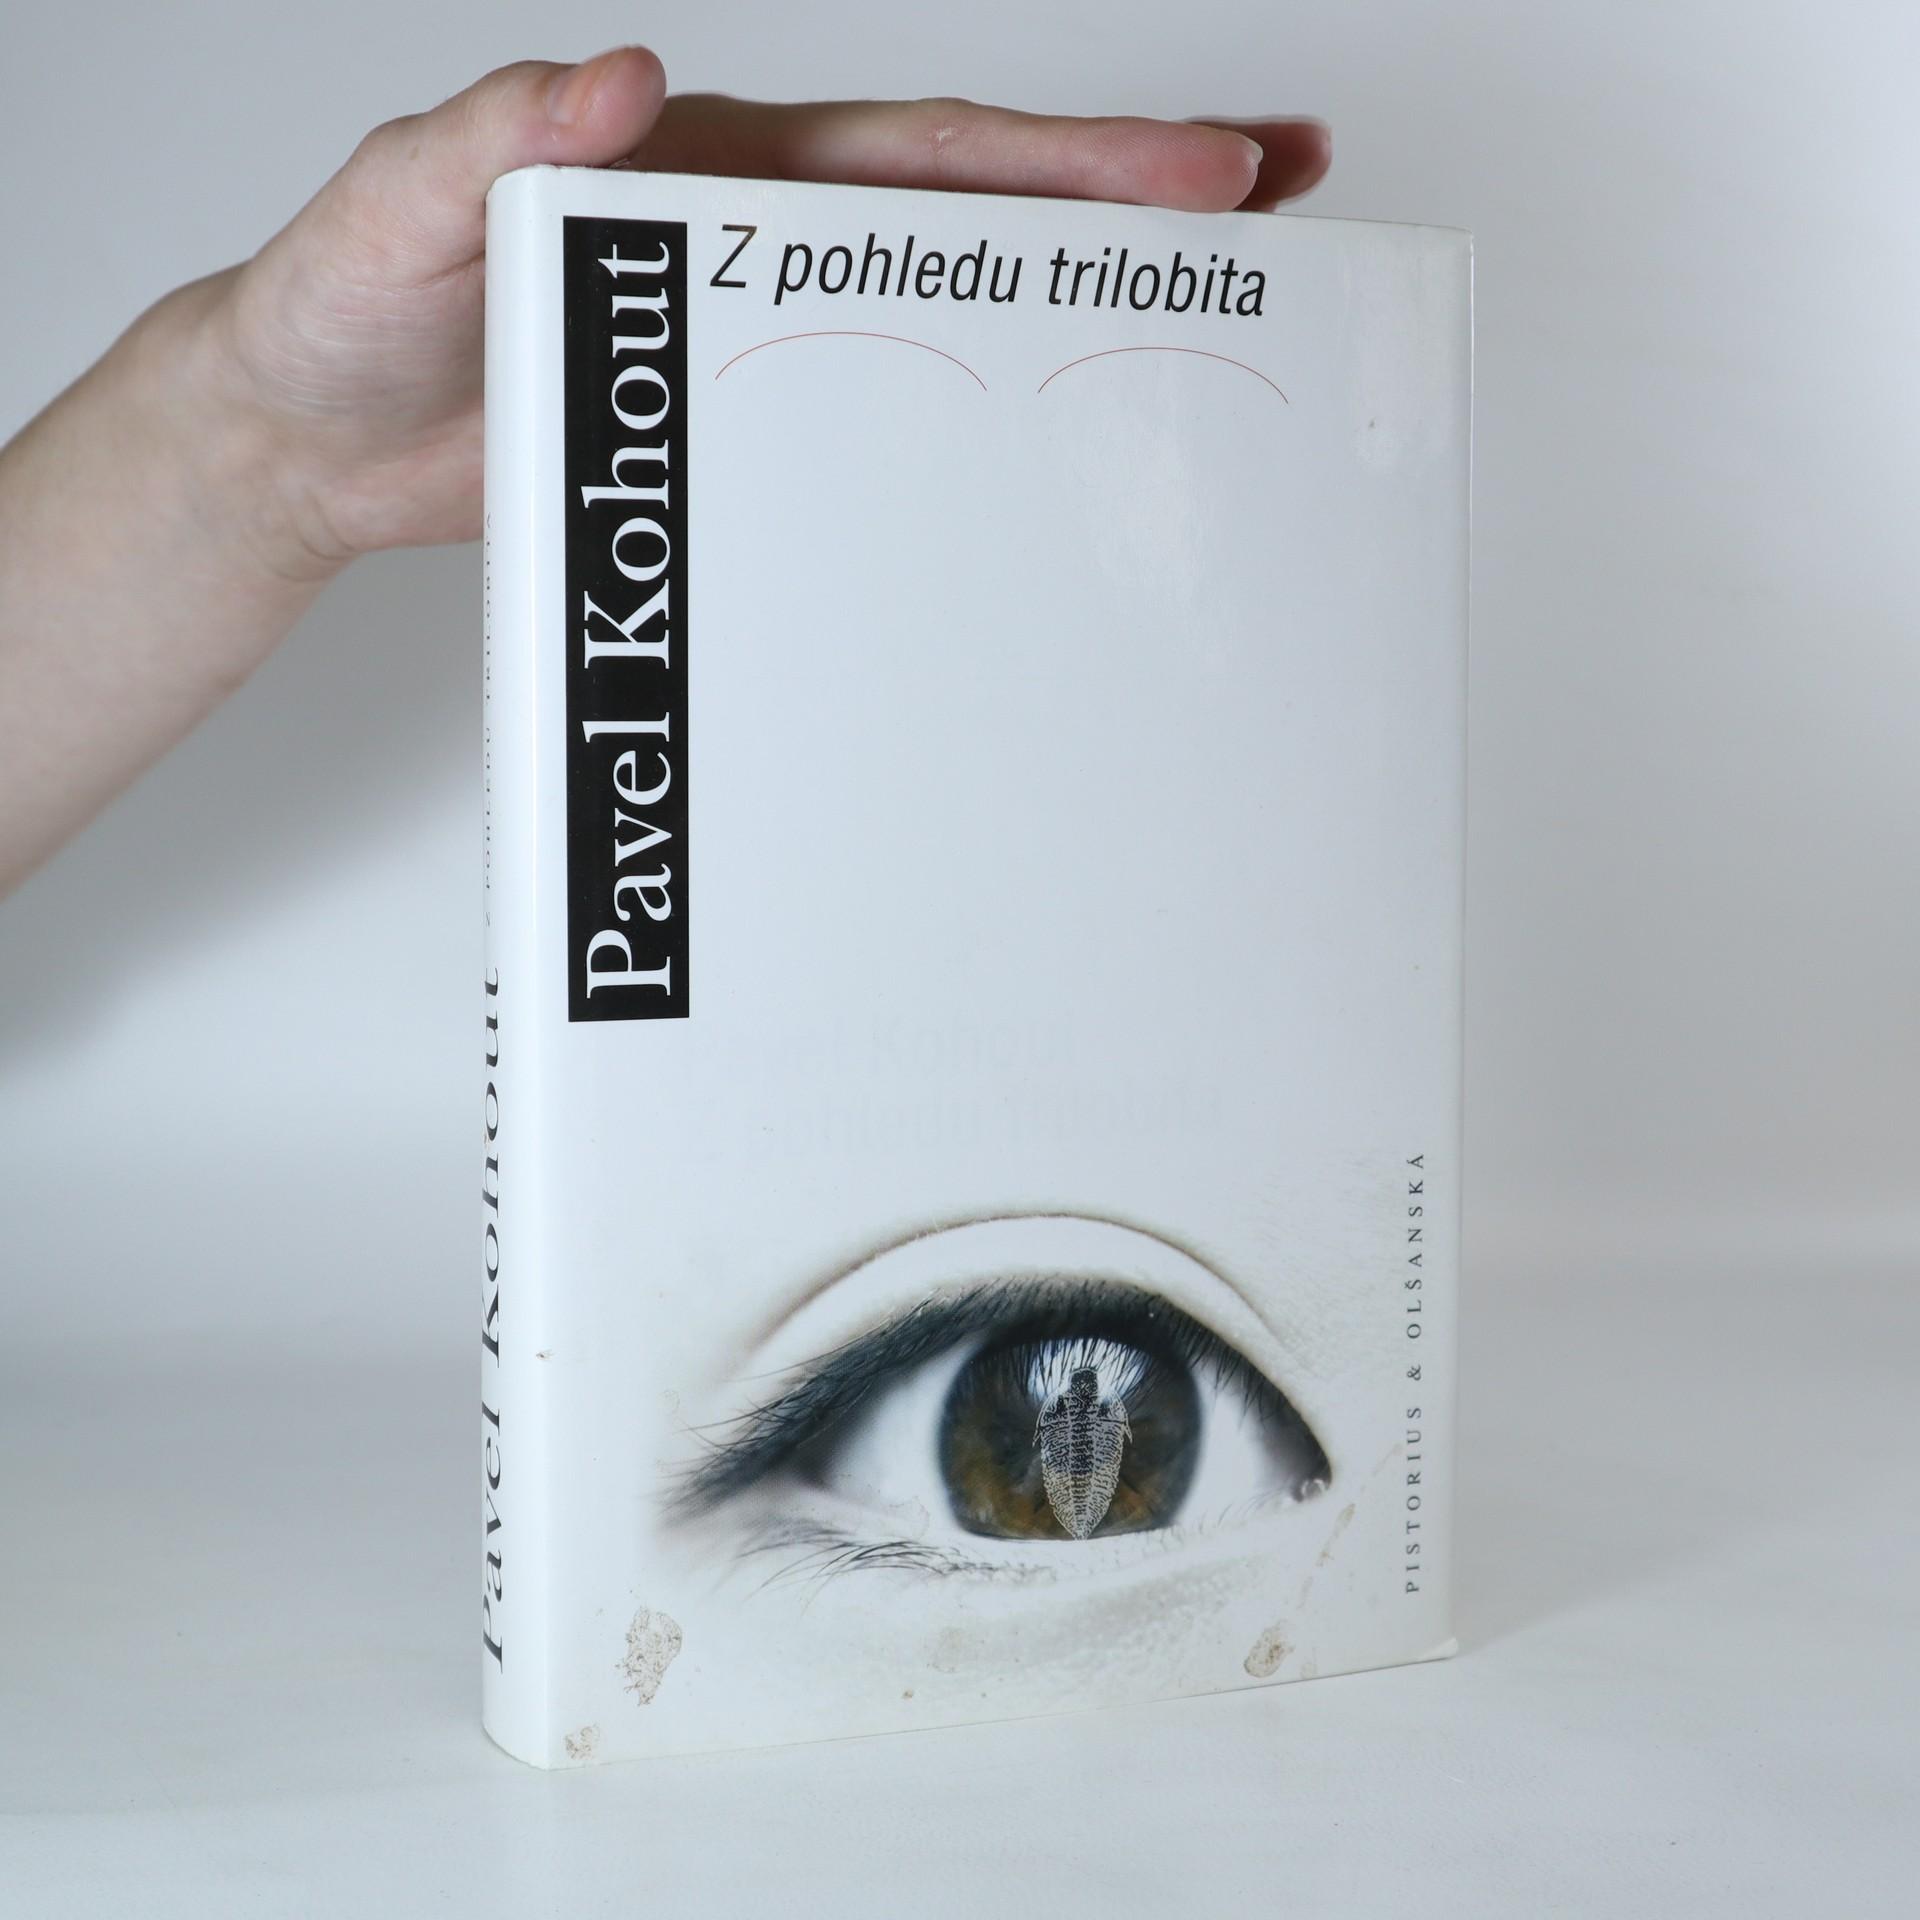 antikvární kniha Z pohledu trilobita, 2010